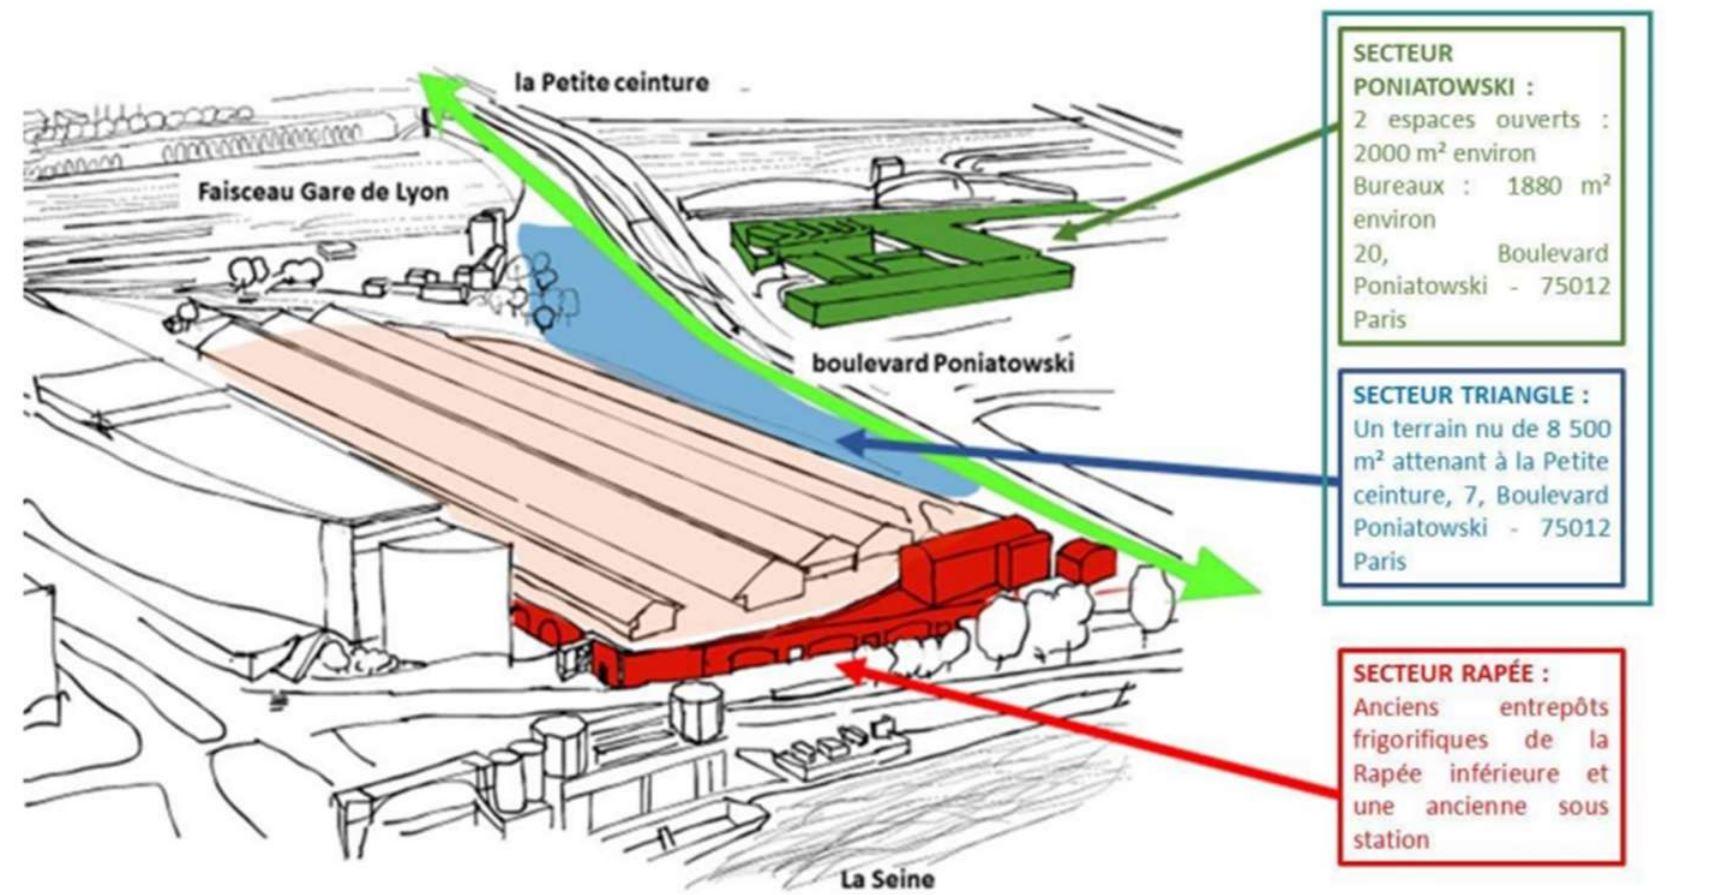 Carte de la zone de l'appel à projets Bercy-Charenton